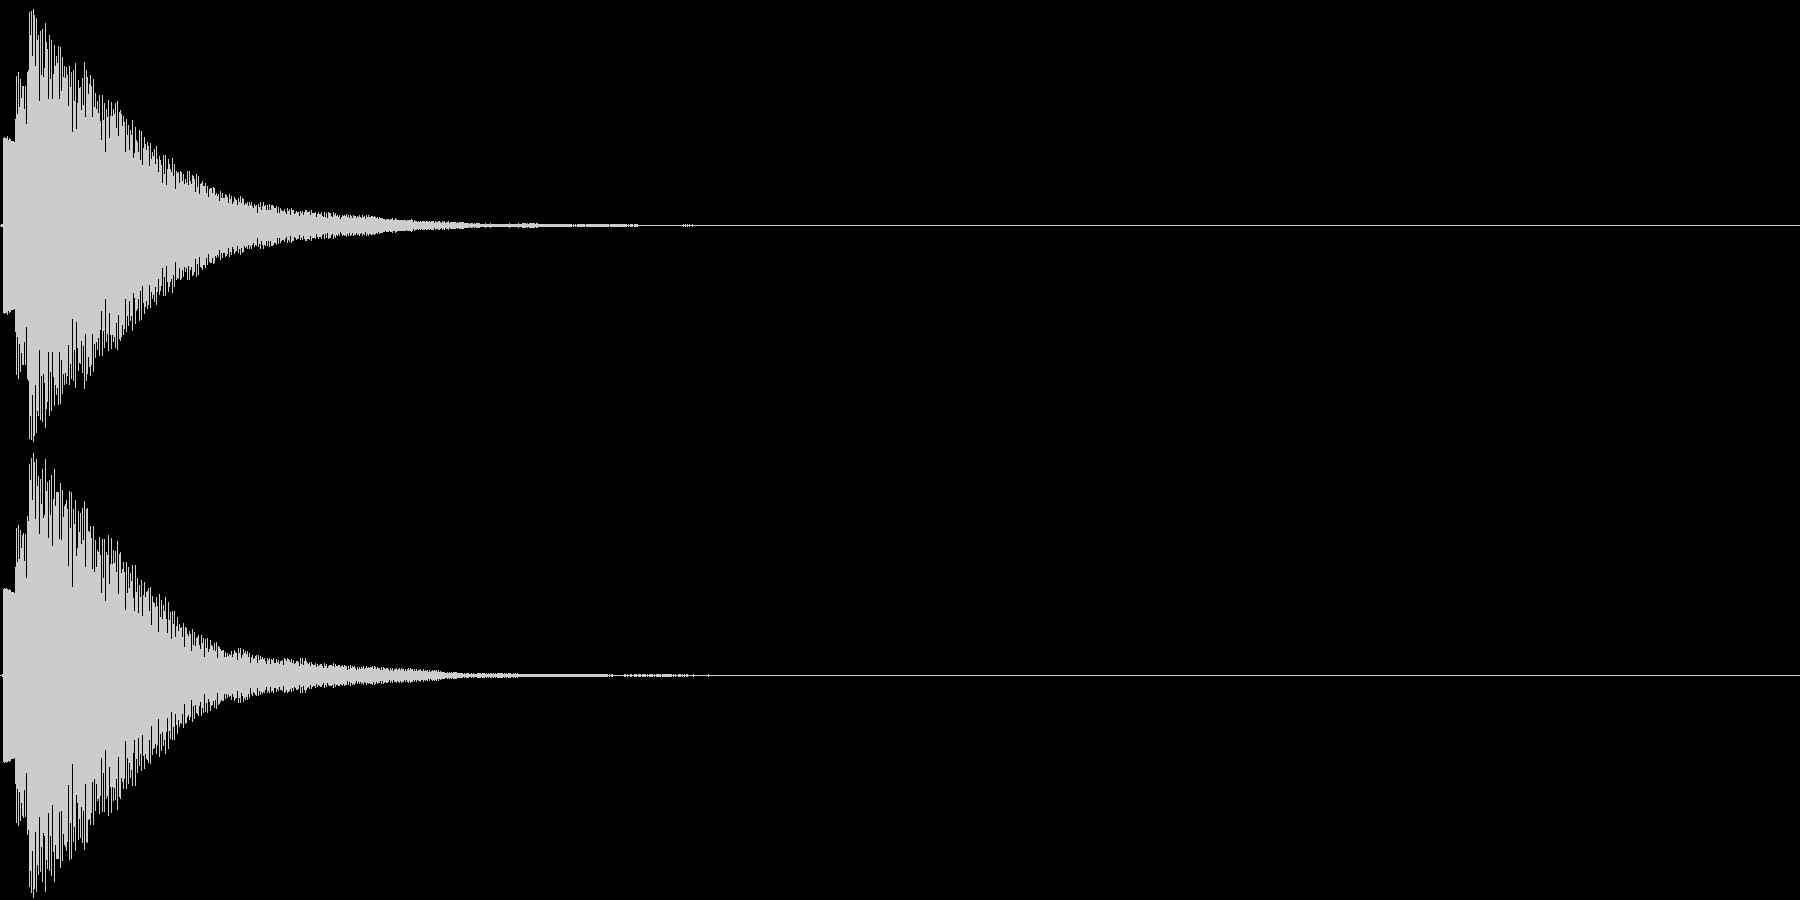 ひらめき 獲得 ゲット 入手 キラリン3の未再生の波形